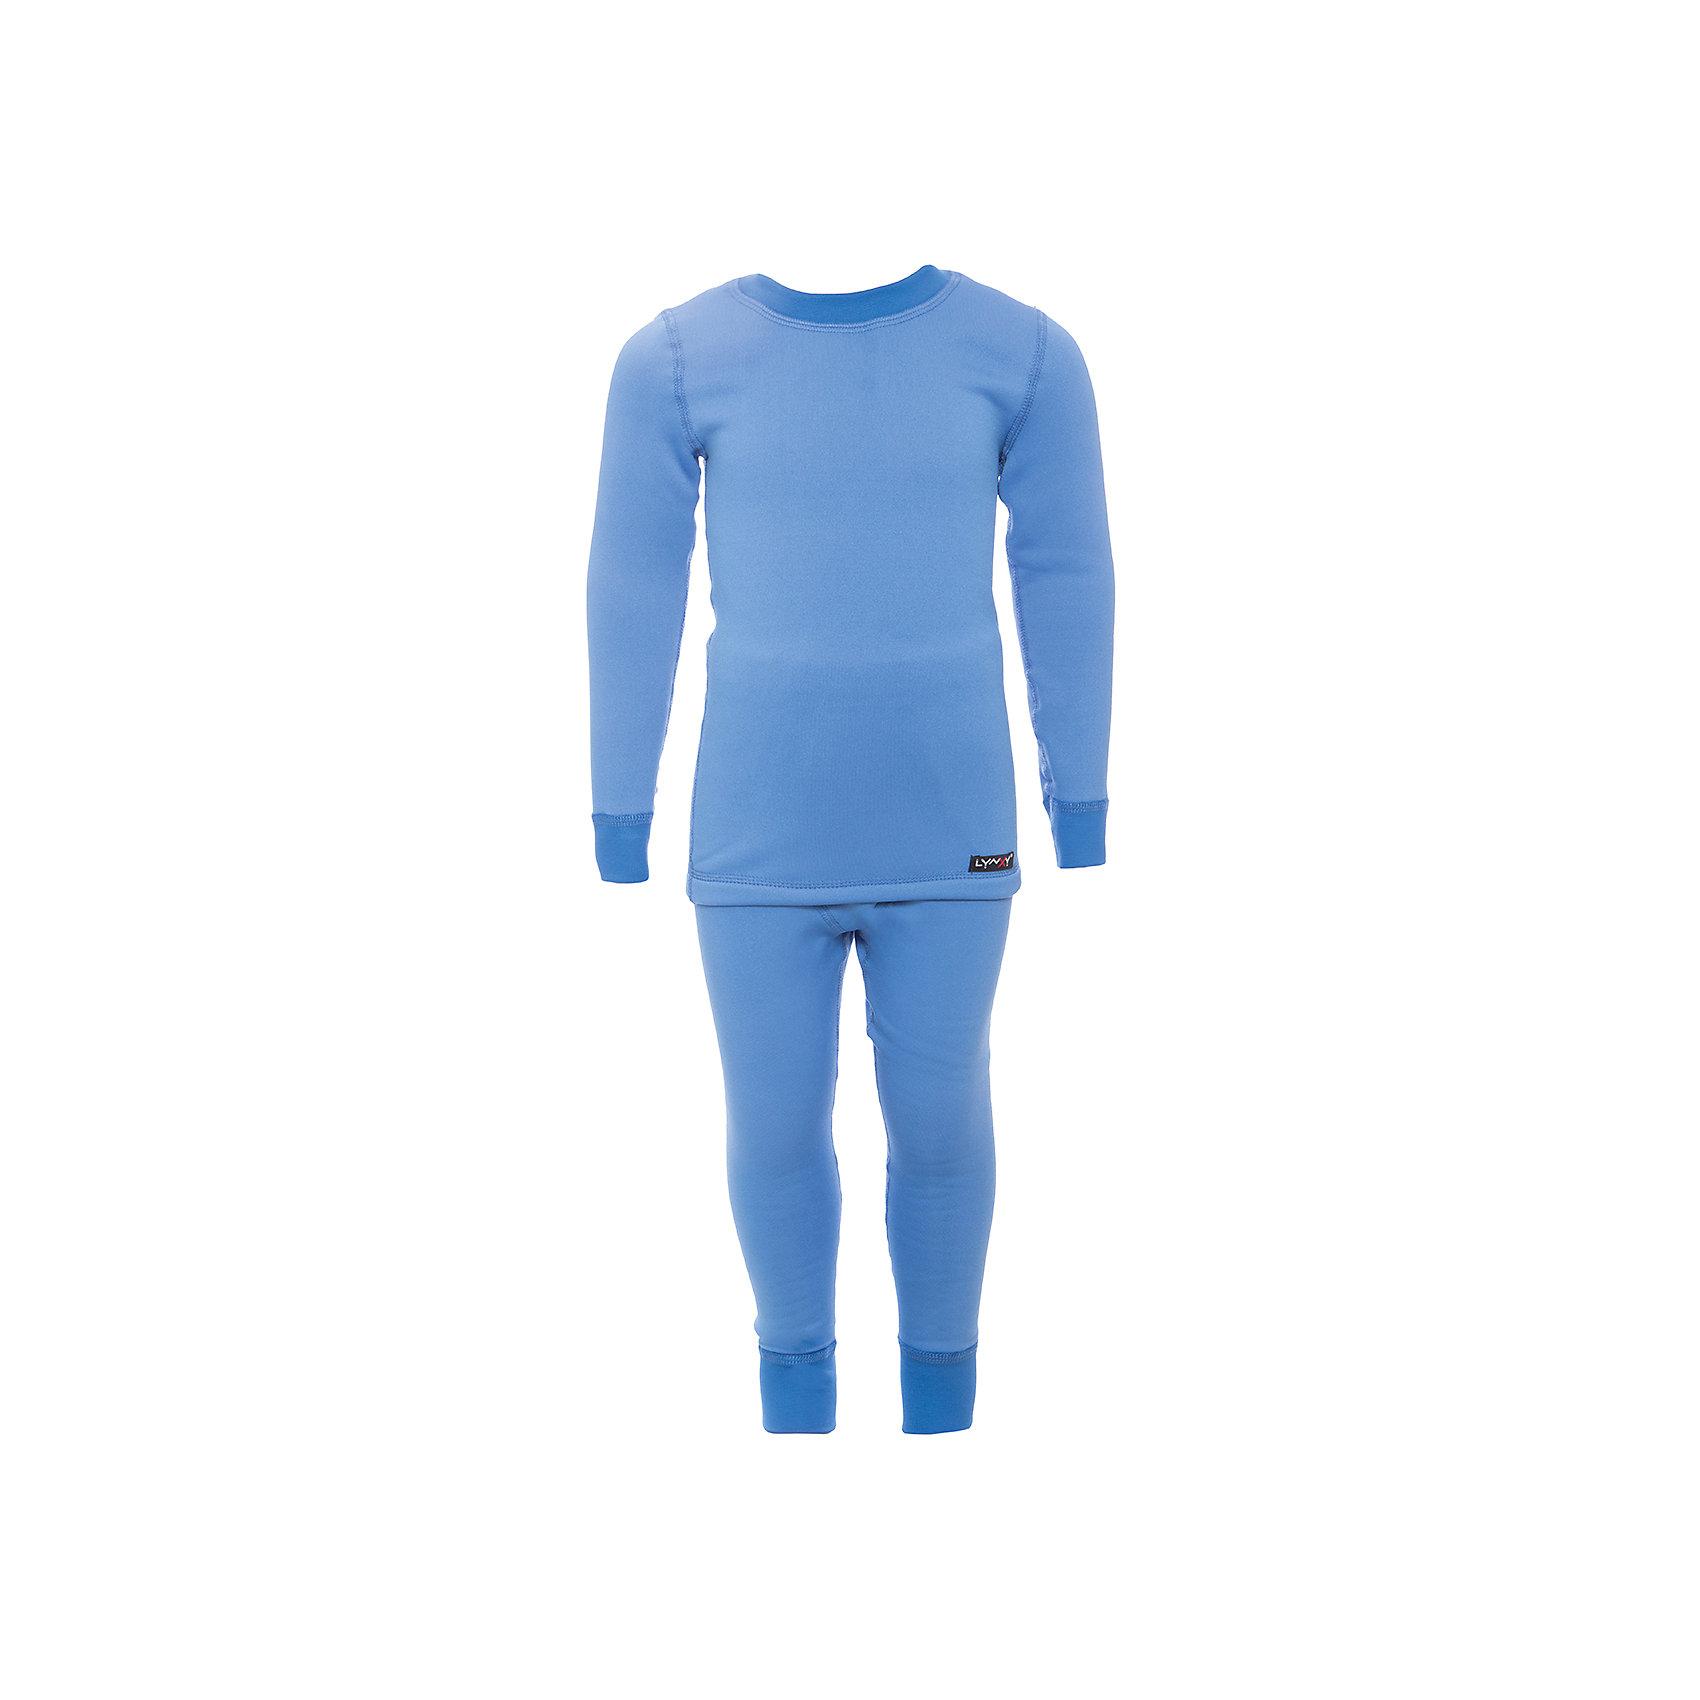 Комплект термобелья Lynxy для мальчикаФлис и термобелье<br>Характеристики товара:<br><br>• цвет: голубой<br>• комплектация: лонгслив и рейтузы<br>• состав ткани: 95 % хлопок, 5  % лайкра<br>• подкладка: нет<br>• сезон: зима<br>• температурный режим: от -30 до 0<br>• пояс: резинка<br>• длинные рукава<br>• страна бренда: Россия<br>• страна изготовитель: Россия<br><br>Такой детский комплект термобелья состоит из лонгслива и рейтуз. Такое термобелье можно надевать как нижний слой в морозы. Качественный материал комплекта термобелья для детей позволяет коже дышать и впитывает лишнюю влагу.<br><br>Комплект термобелья Lynxy (Линкси) для мальчика можно купить в нашем интернет-магазине.<br><br>Ширина мм: 219<br>Глубина мм: 11<br>Высота мм: 262<br>Вес г: 314<br>Цвет: голубой<br>Возраст от месяцев: 24<br>Возраст до месяцев: 36<br>Пол: Мужской<br>Возраст: Детский<br>Размер: 98,134,104,110,116,122,128<br>SKU: 7079939